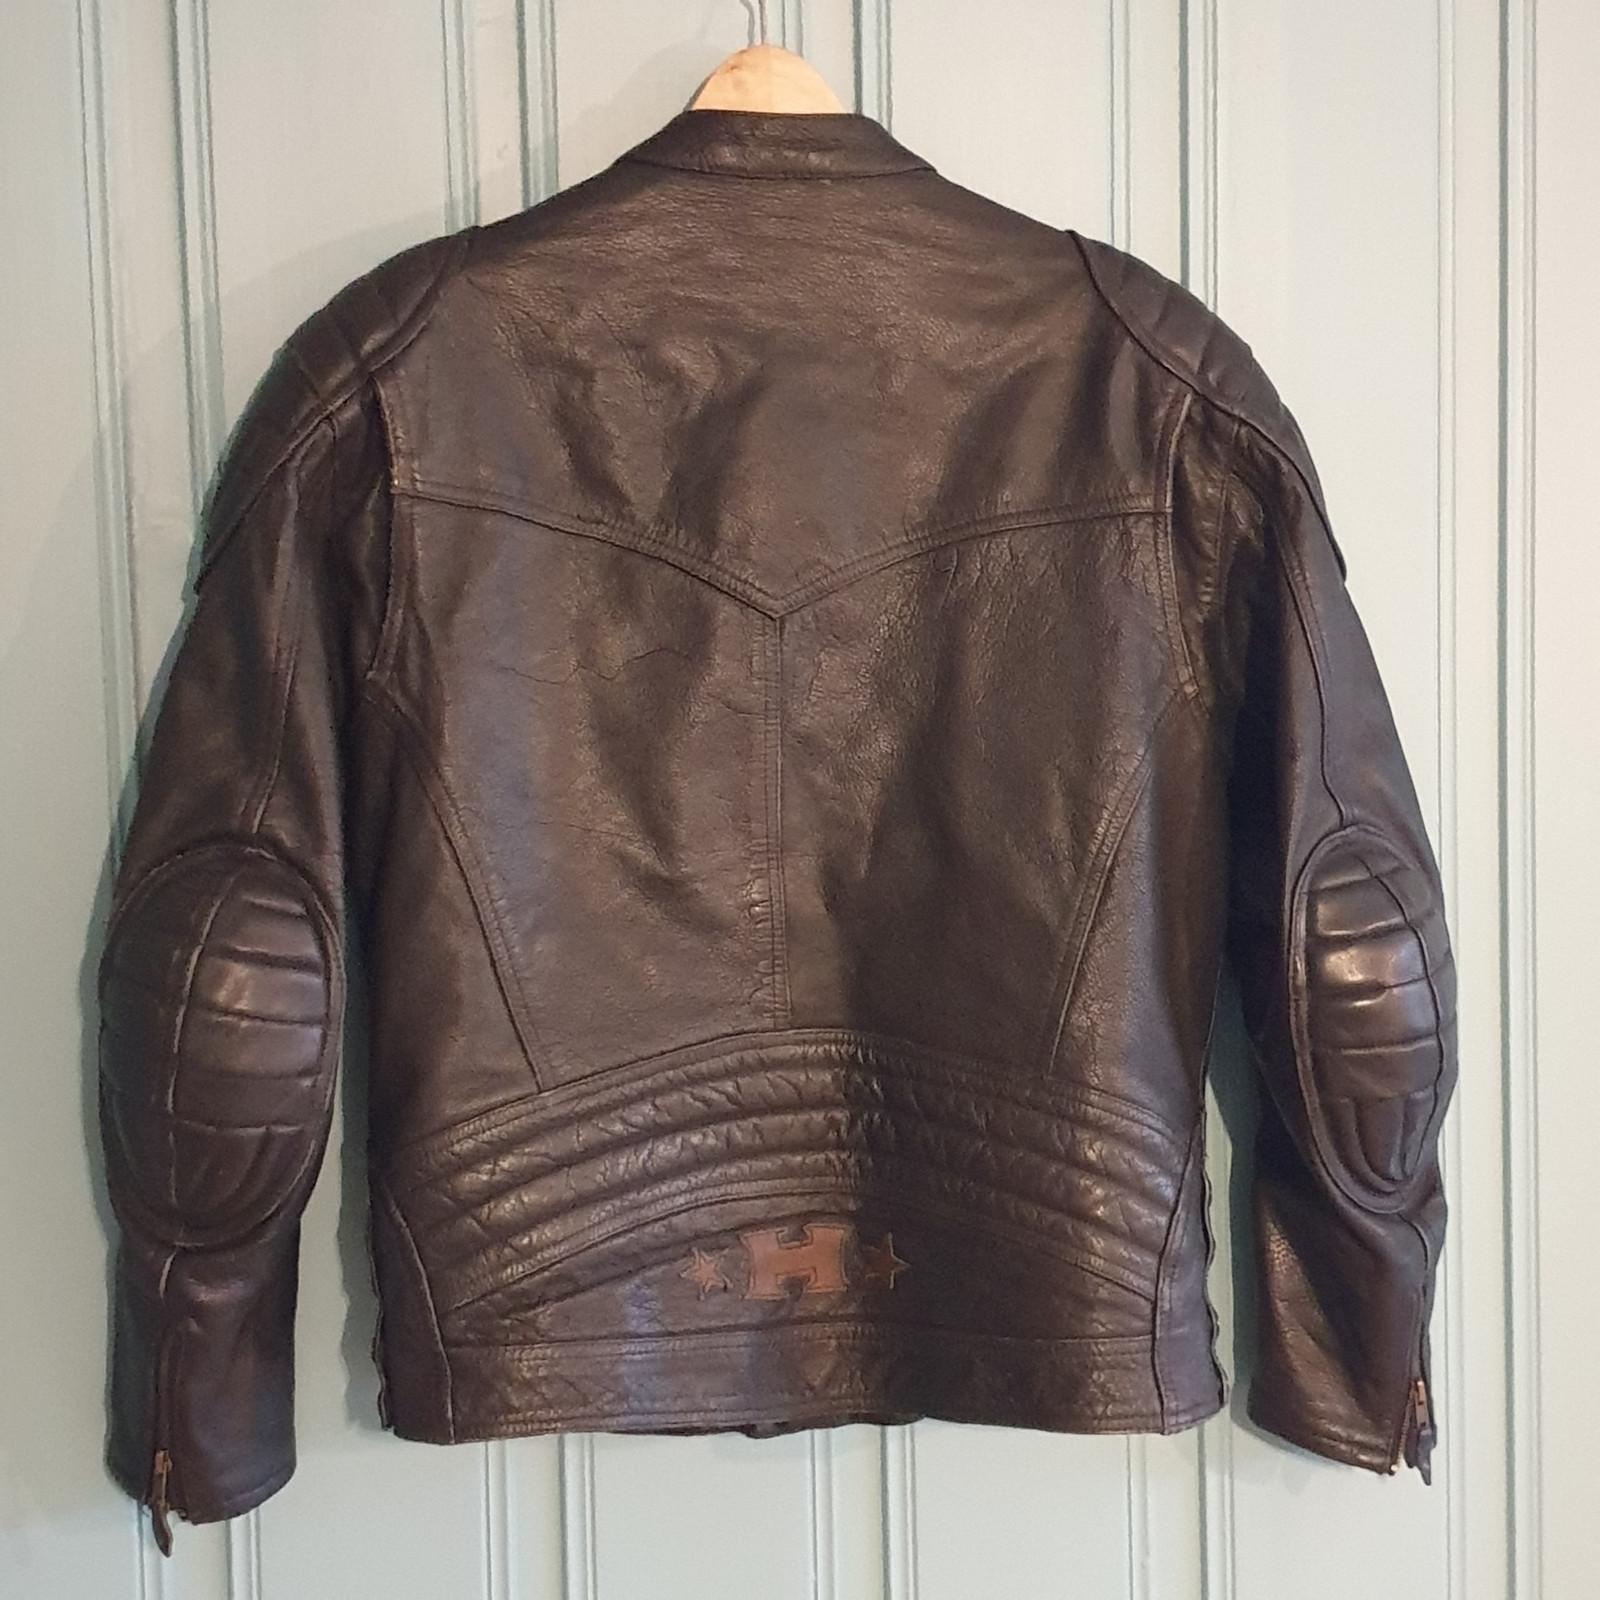 Mc jakke i skinn med beskyttelse ce godkj | FINN.no